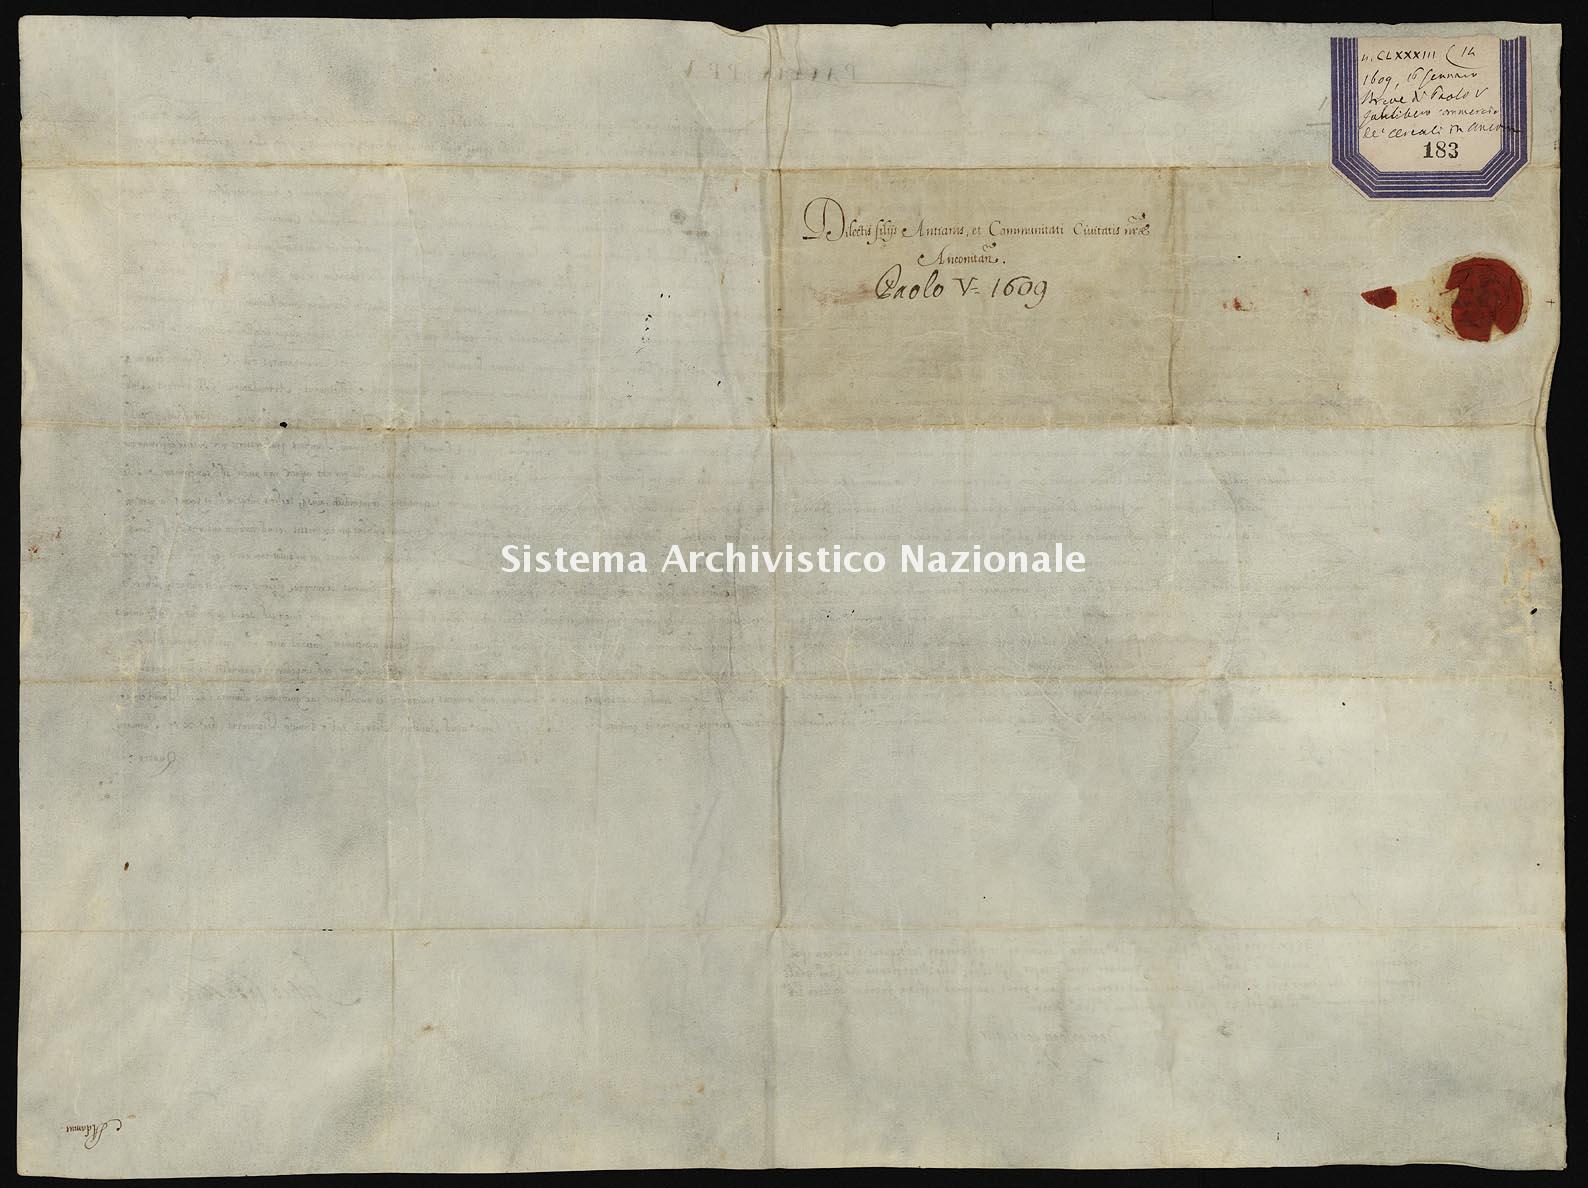 Archivio di Stato di Ancona, Comune di Ancona, Comune di Ancona (antico regime), Pergamene, Pergamena n. 183